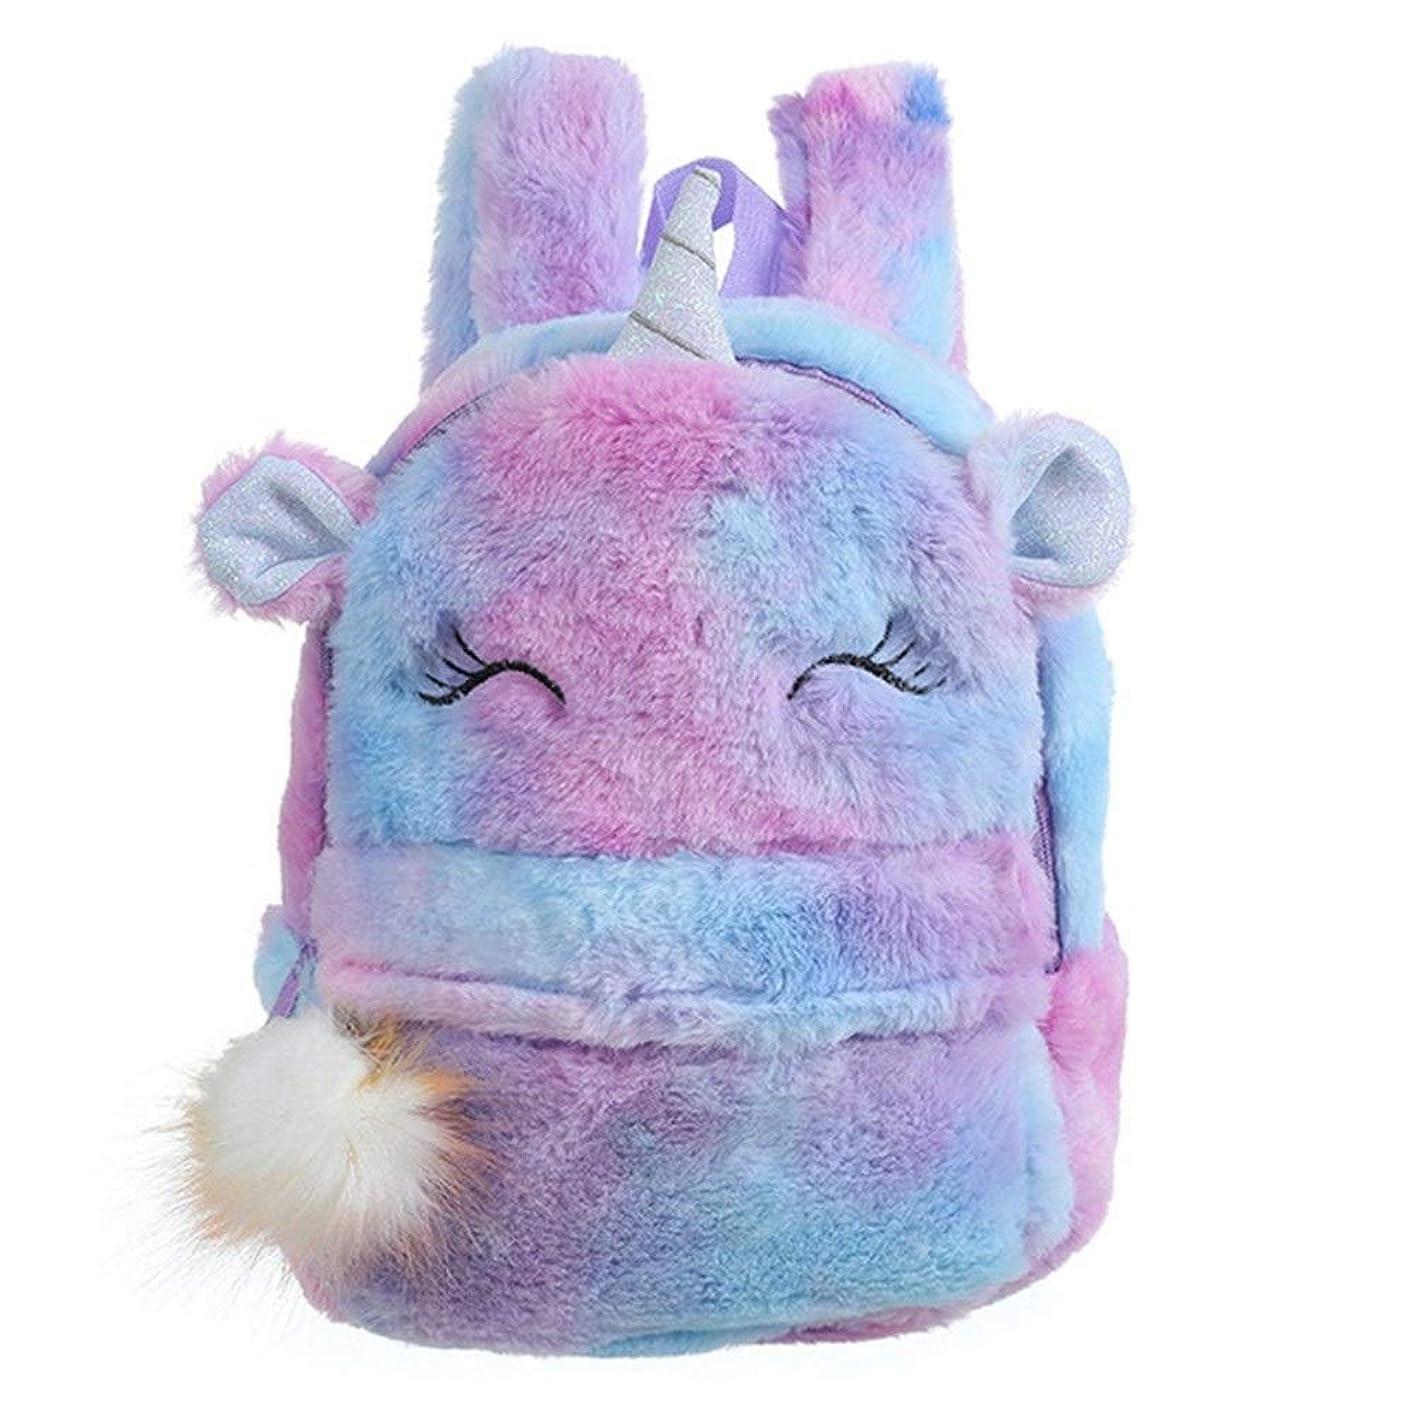 ドラム嫌悪強調するぬいぐるみユニコーンバックパック子供の漫画スクールバッグかわいいユニコーンバッグぬいぐるみスクールバッグリュックサックキッズギフト学生バッグ。 (Color : Lavender, Size : XL)